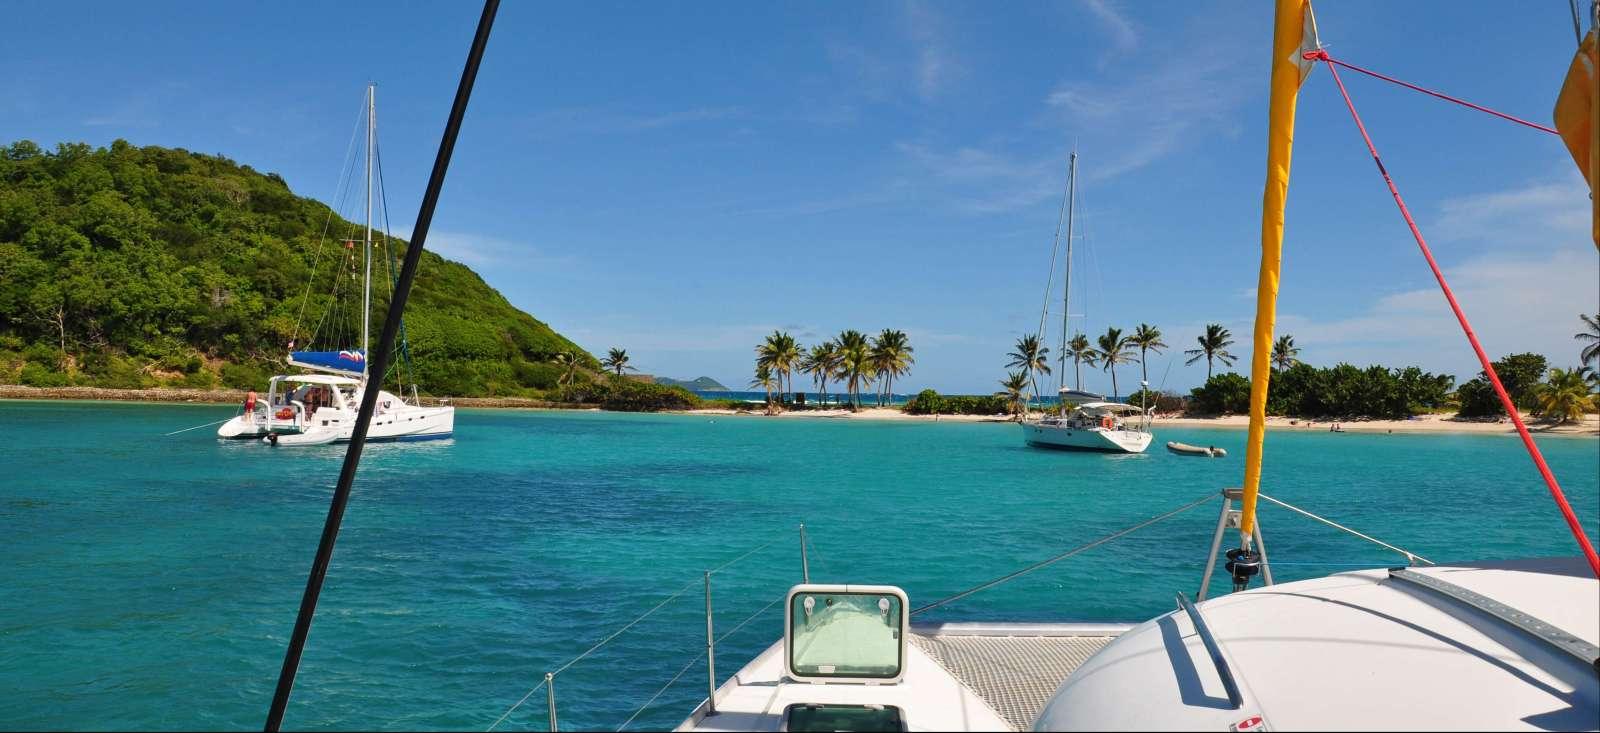 Voyage sur l'eau : Le Coeur Grenadines